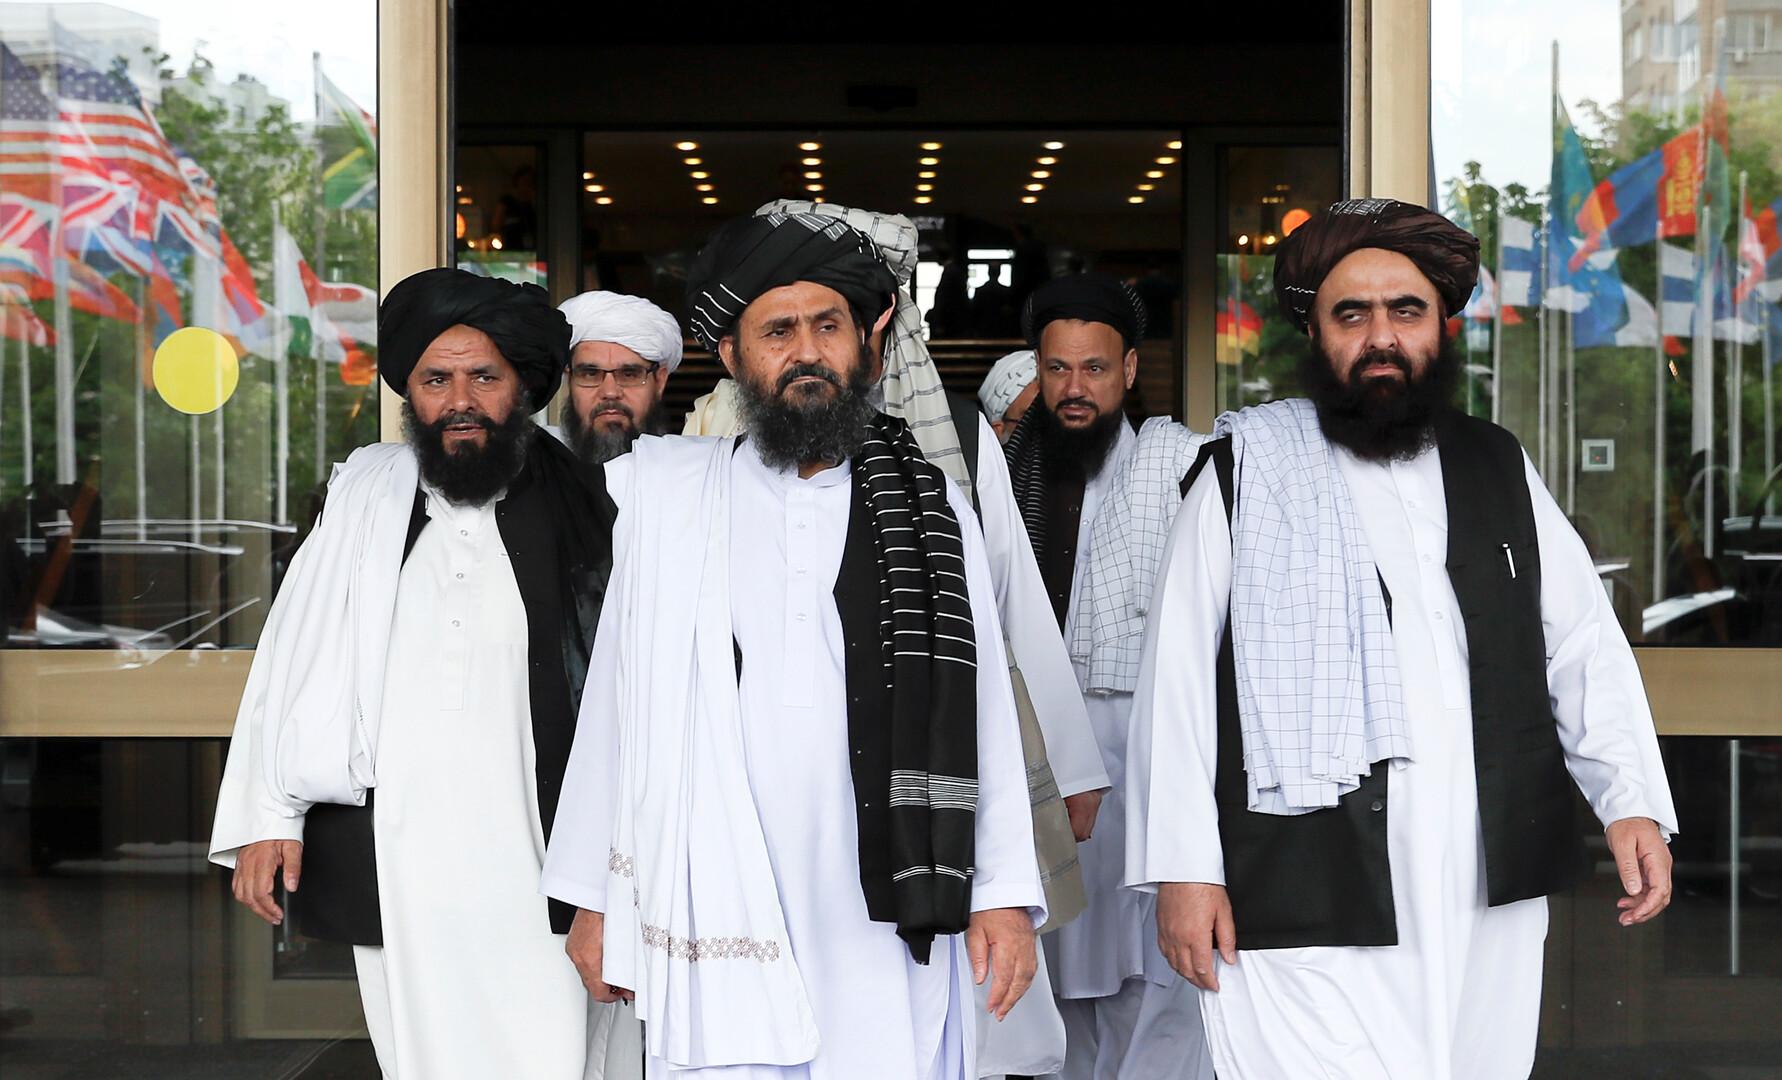 كيف تقيم روسيا تطورات الحدث الأفغاني؟